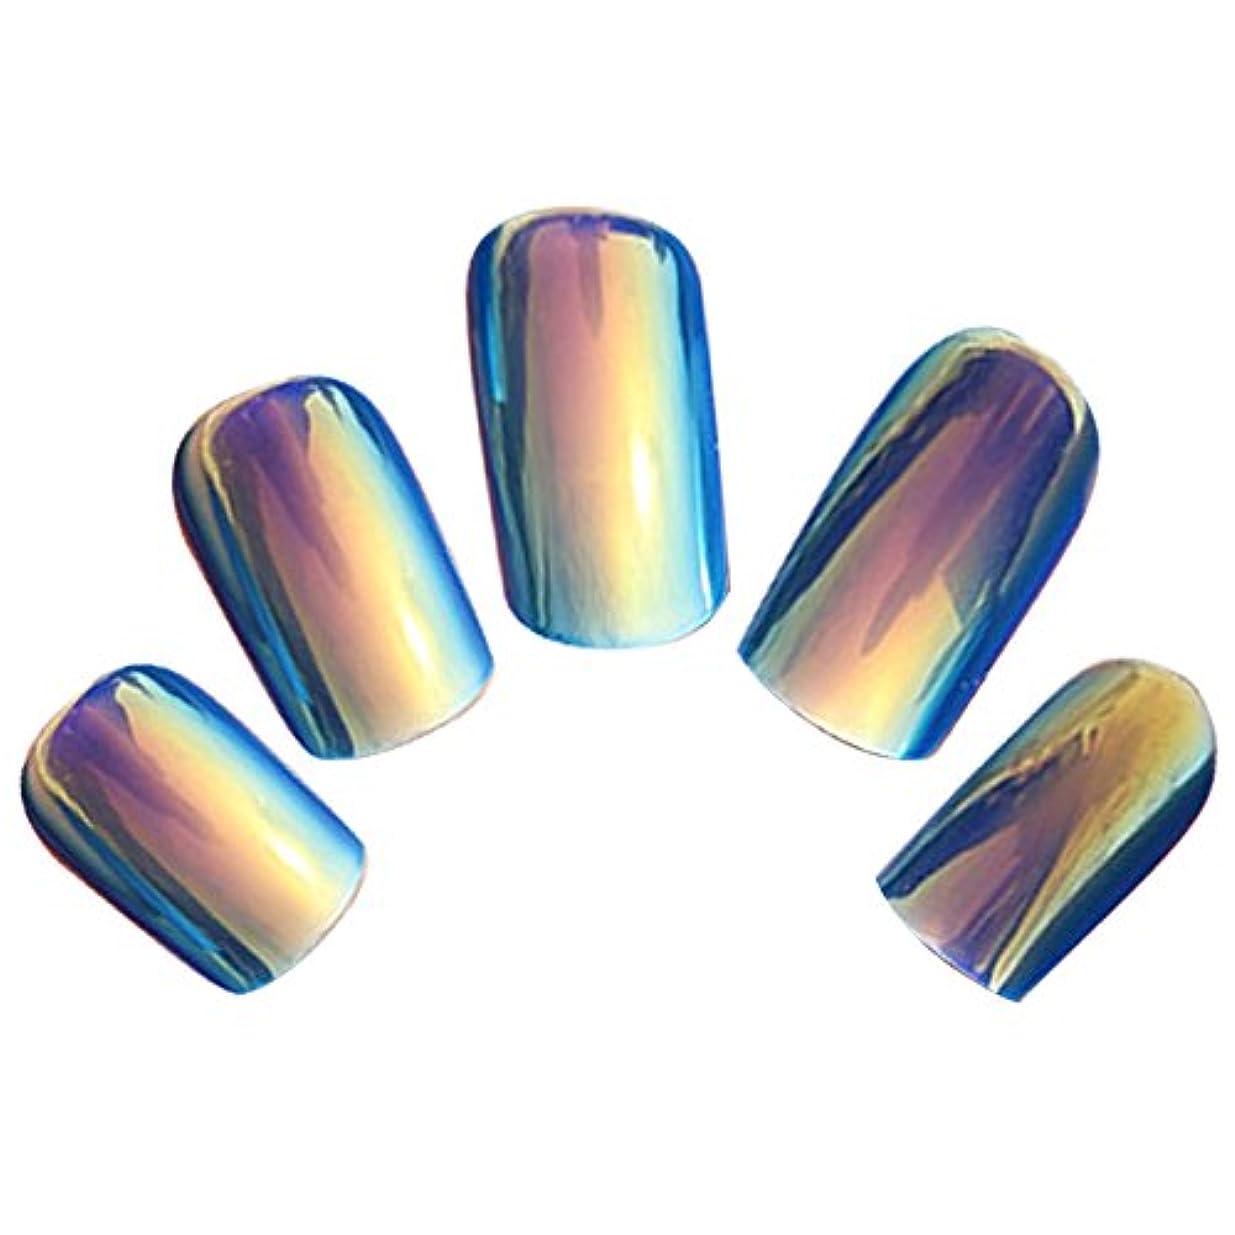 周術期納得させる忘れるゴシレ Gosear 24 個 12 サイズ ネイルチップ 人工偽爪のヒント 青色